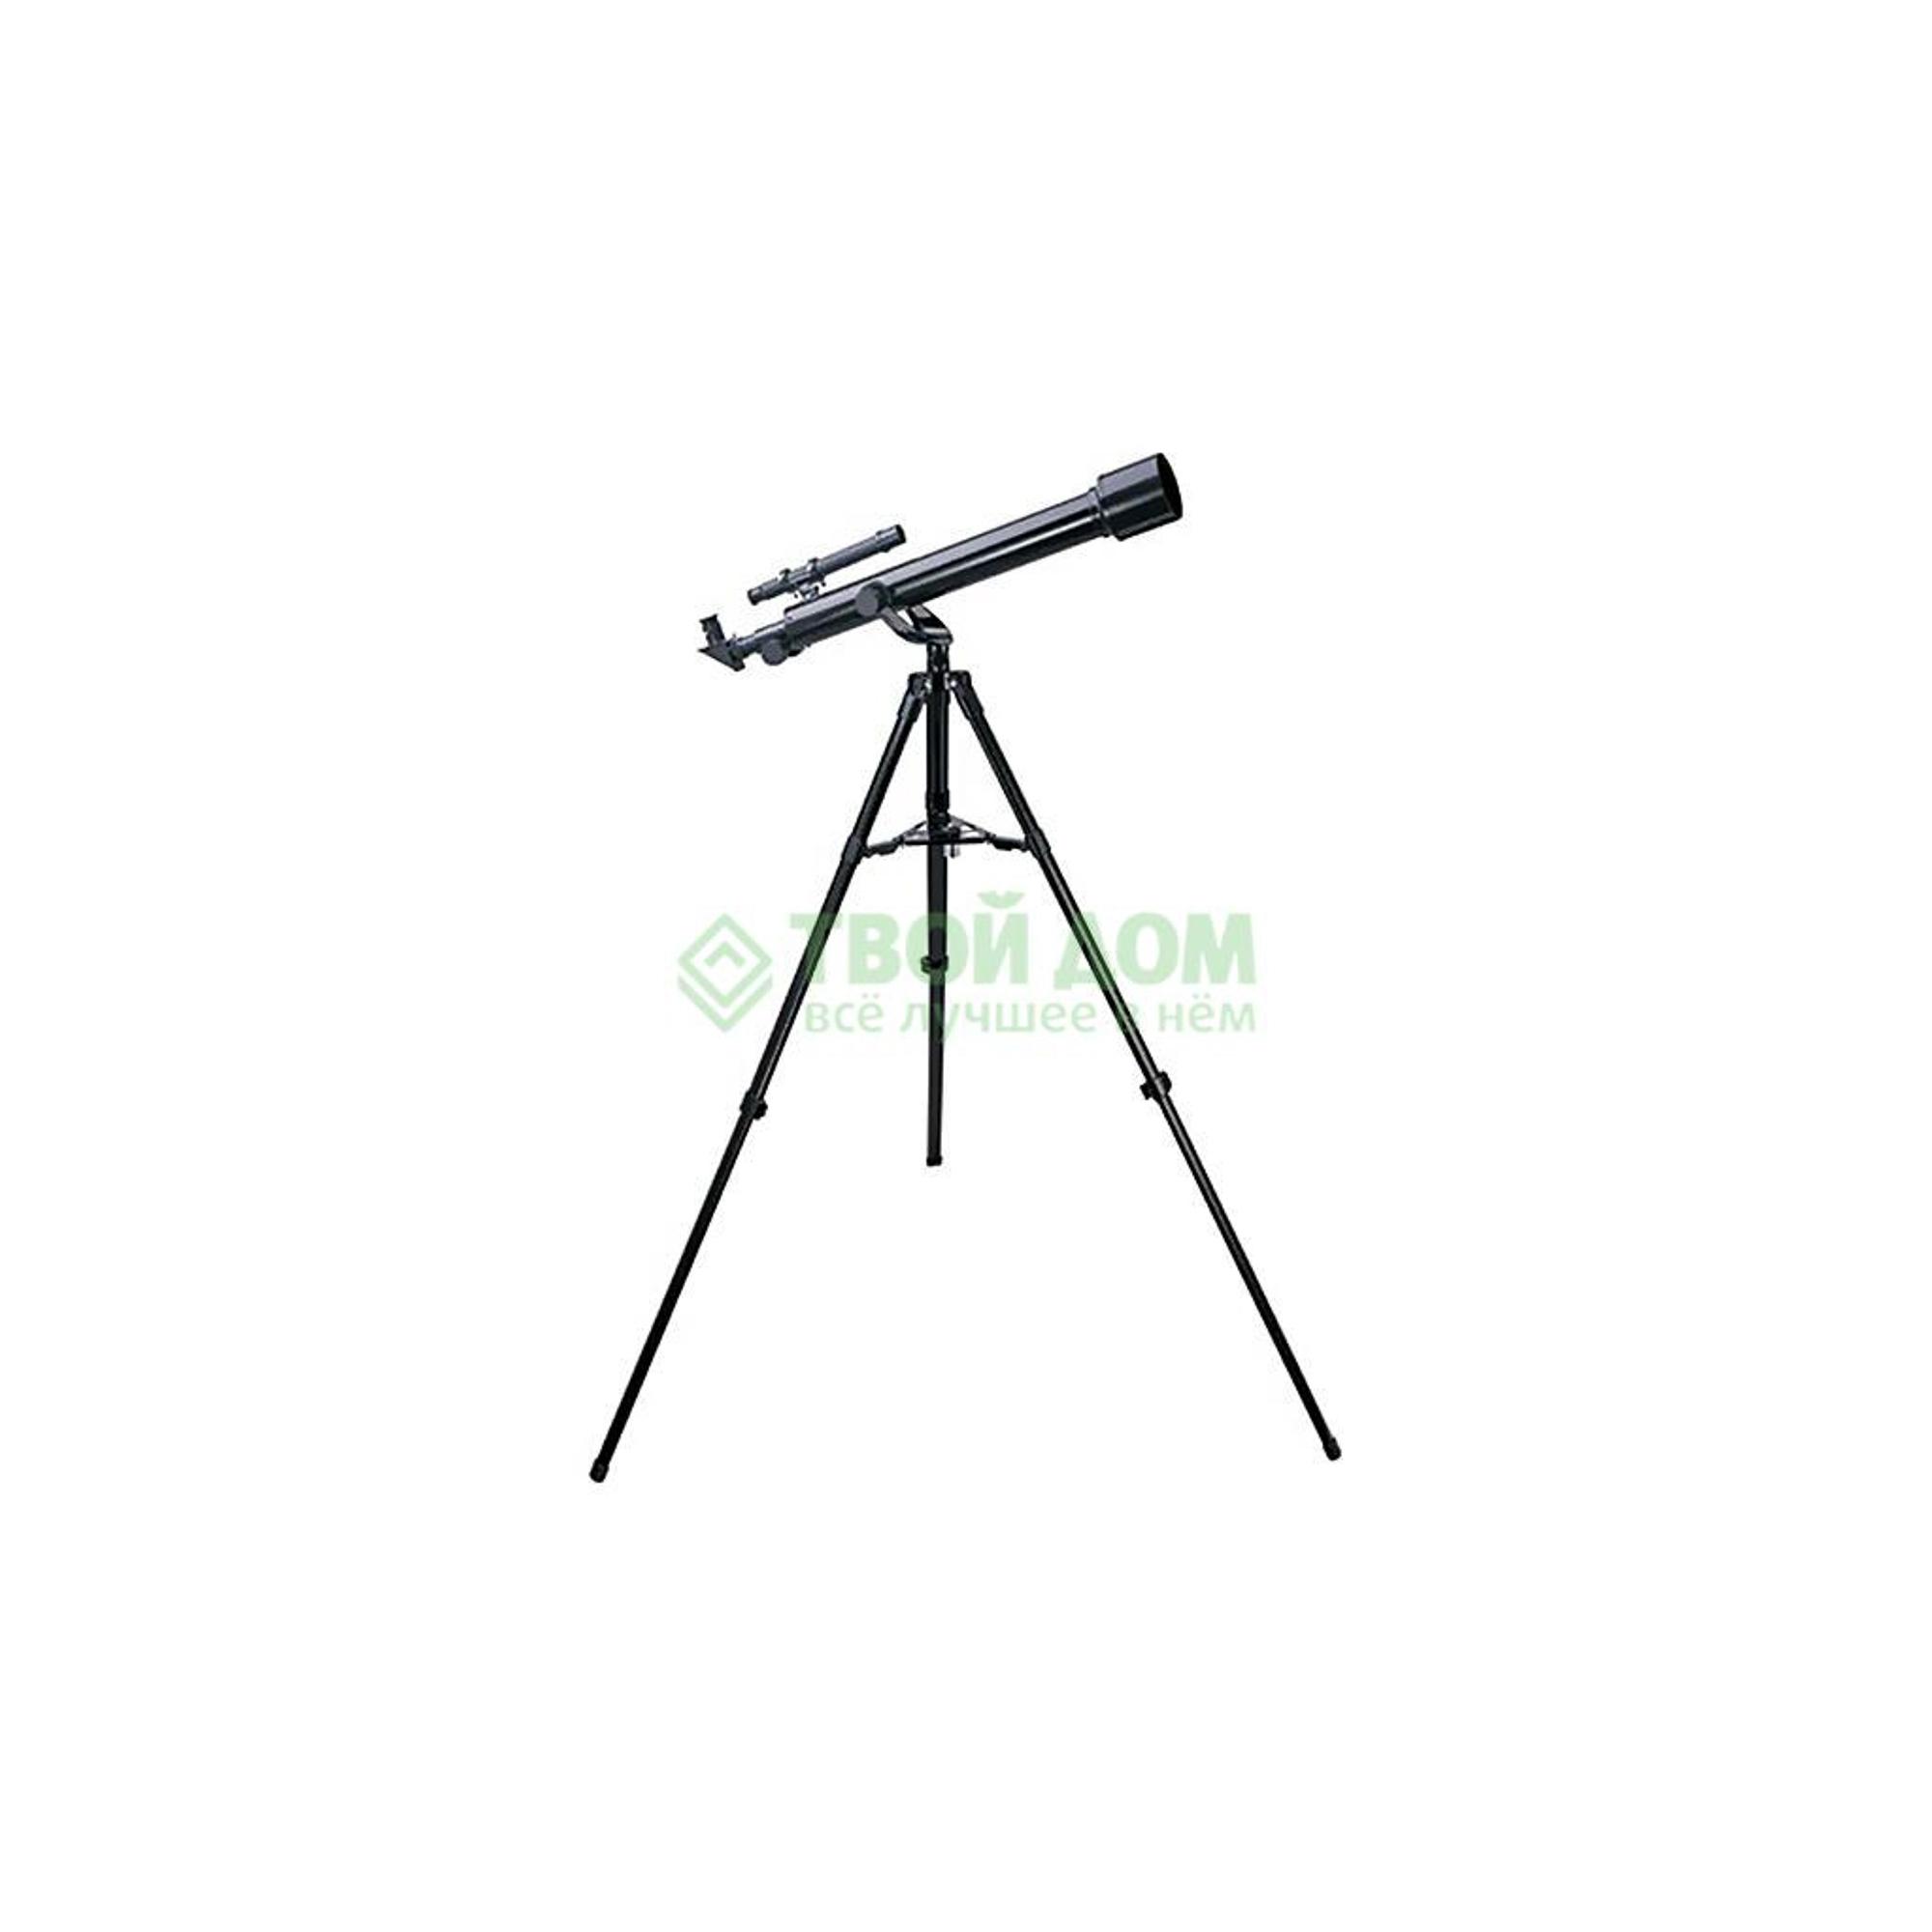 Игровой набор Edu toys Телескоп TS761 фото